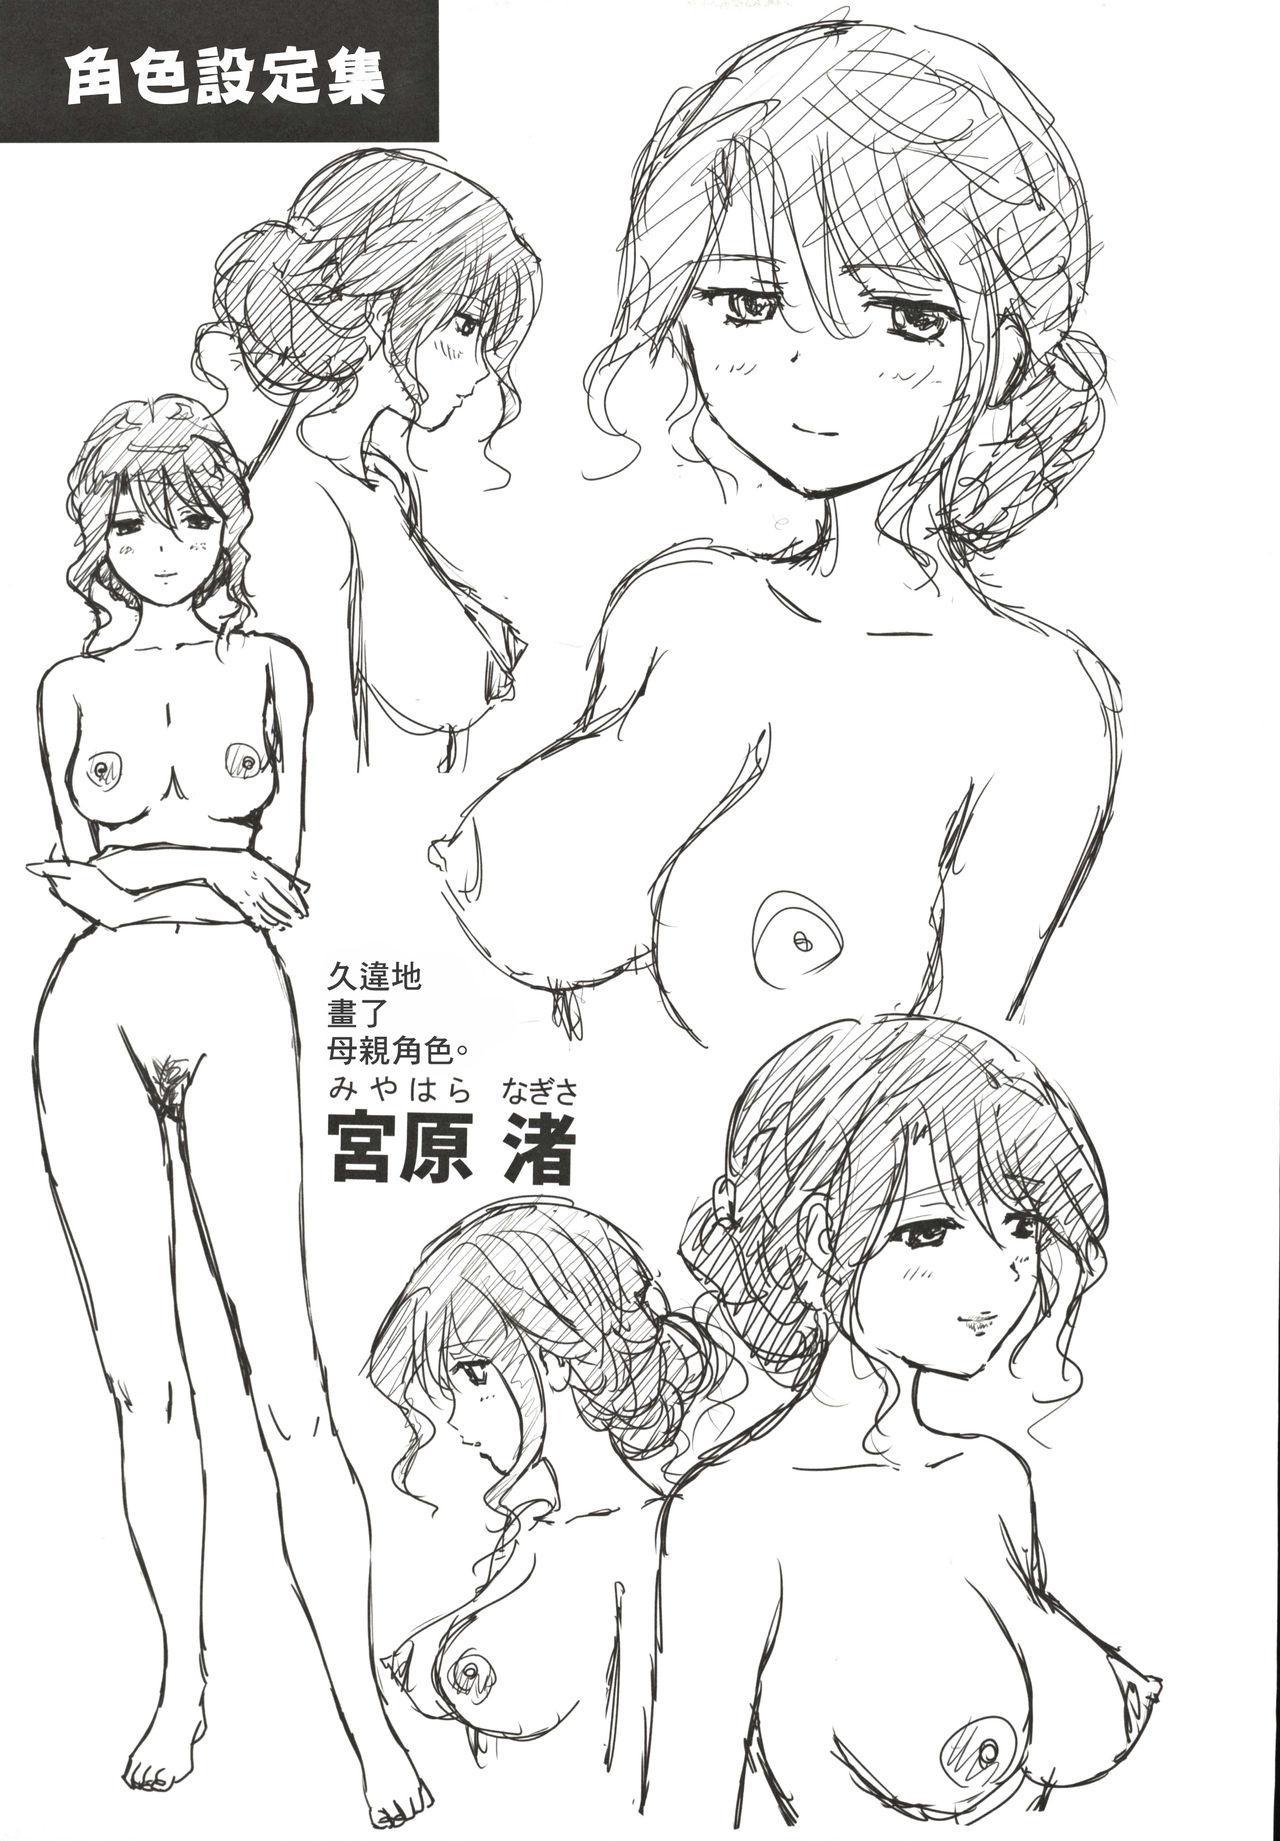 Tonari no Razoku 34